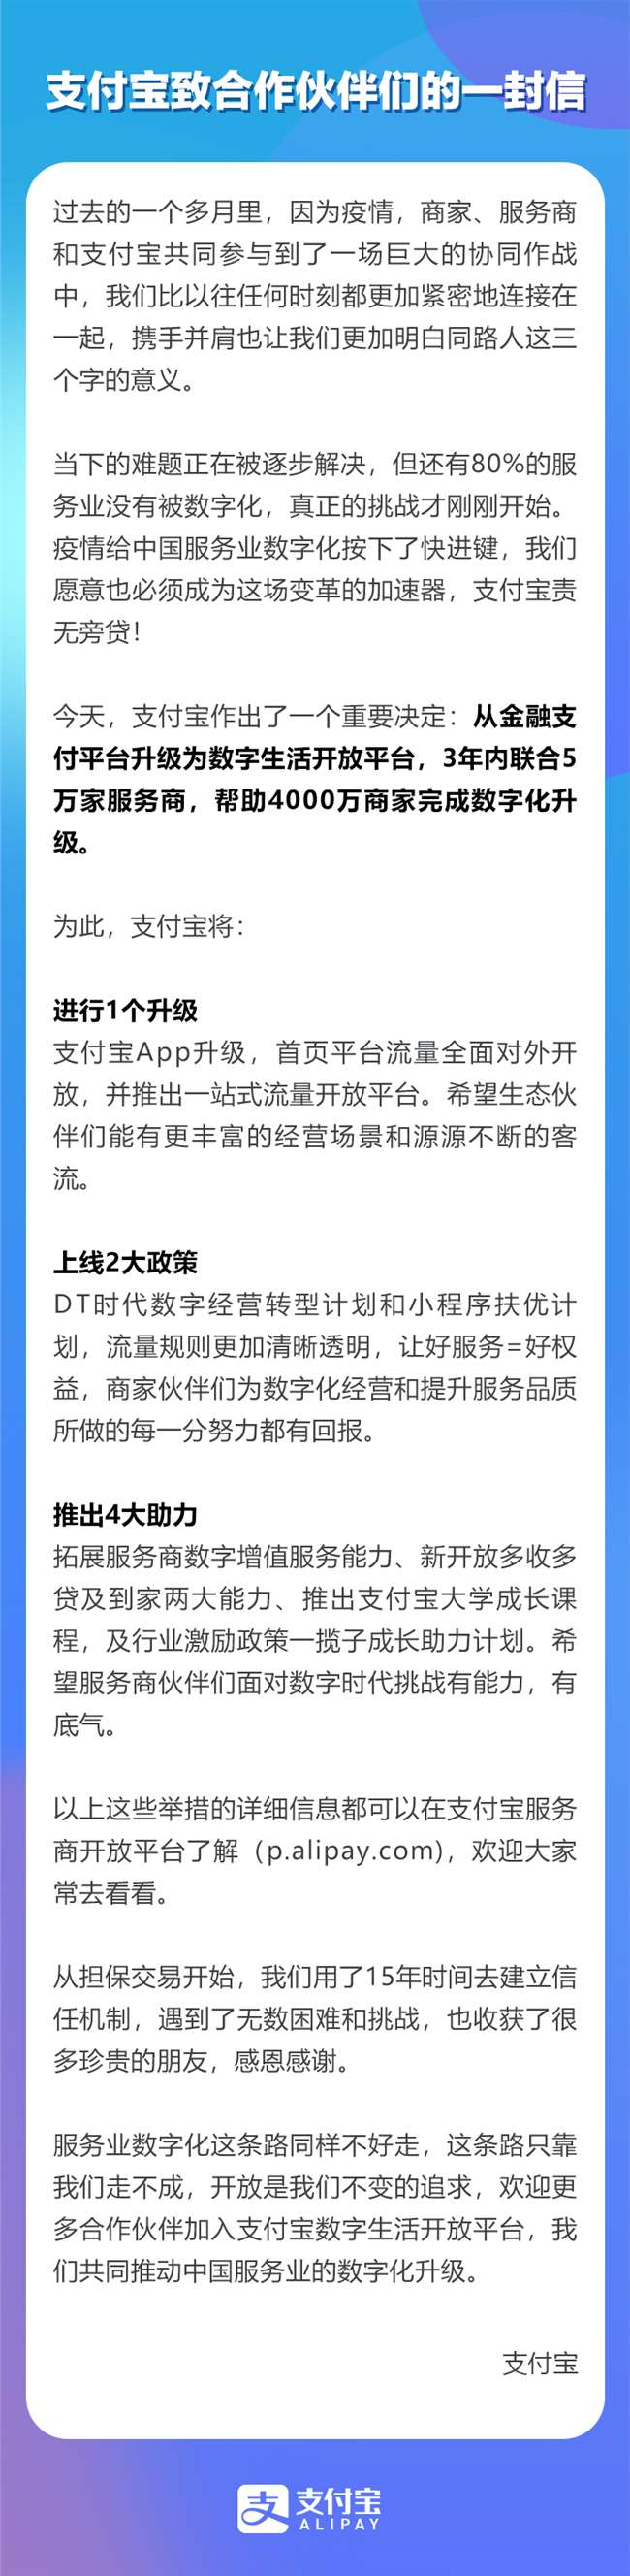 支付宝致信合作伙伴:共同推动中国服务业的数字化升级